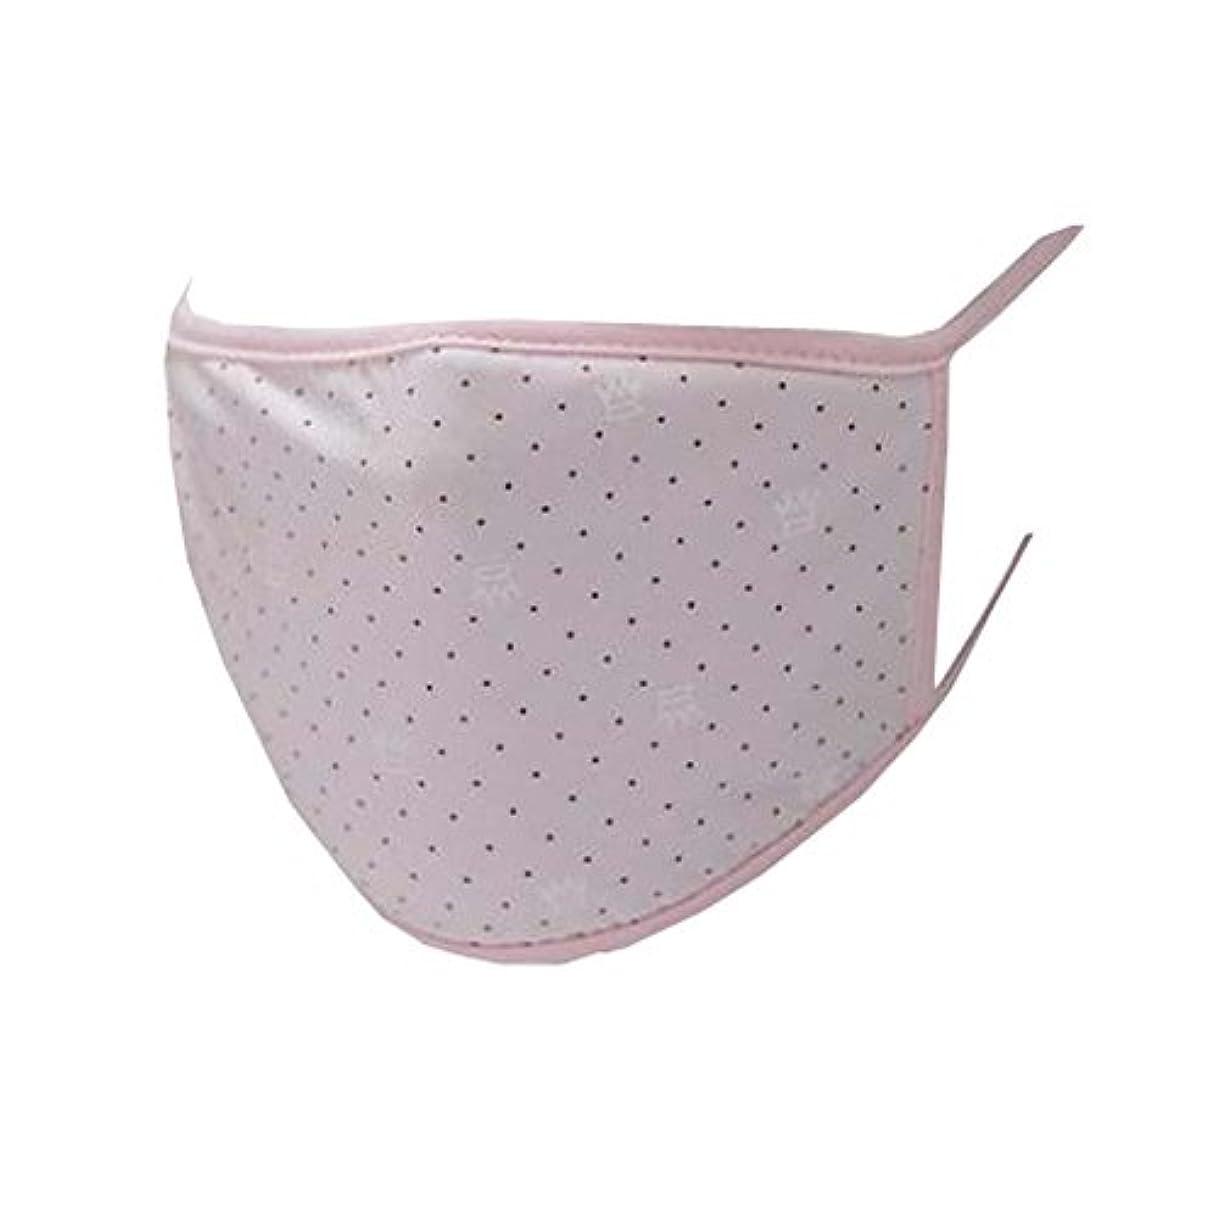 伝導率明日味わう口マスク、再使用可能フィルター - 埃、花粉、アレルゲン、抗UV、およびインフルエンザ菌 - A